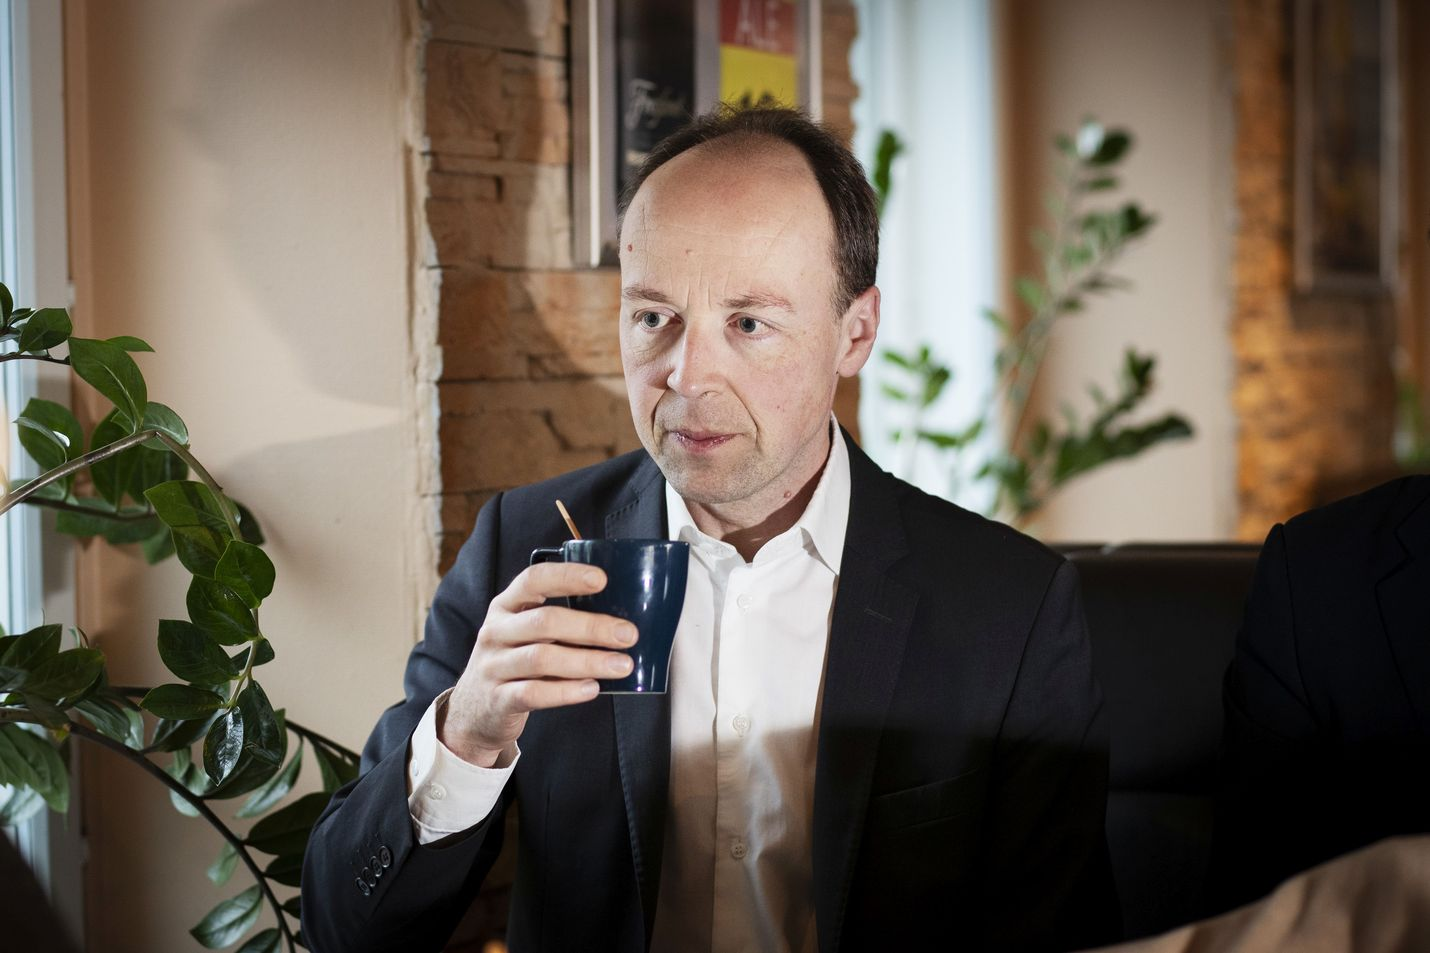 Perussuomalaisten puheenjohtajan Jussi Halla-ahon mukaan välikysymyksestä tiedotetaan mahdollisesti vielä tänään.